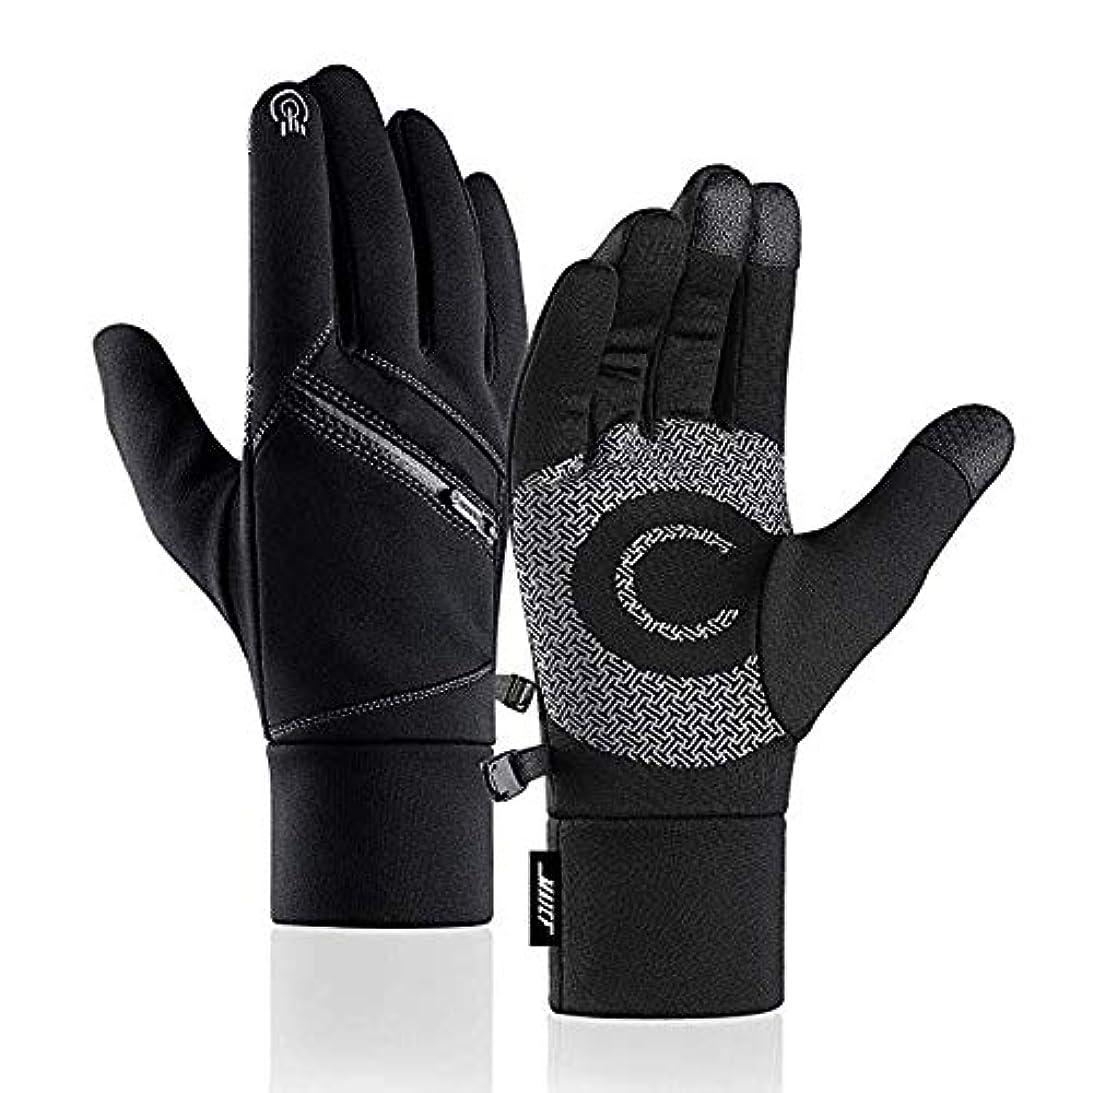 完全に雇用者ブラウス冬の手袋、ダブルレイヤー肥厚タッチスクリーンウォーム手袋男性&女性,黒,XXL